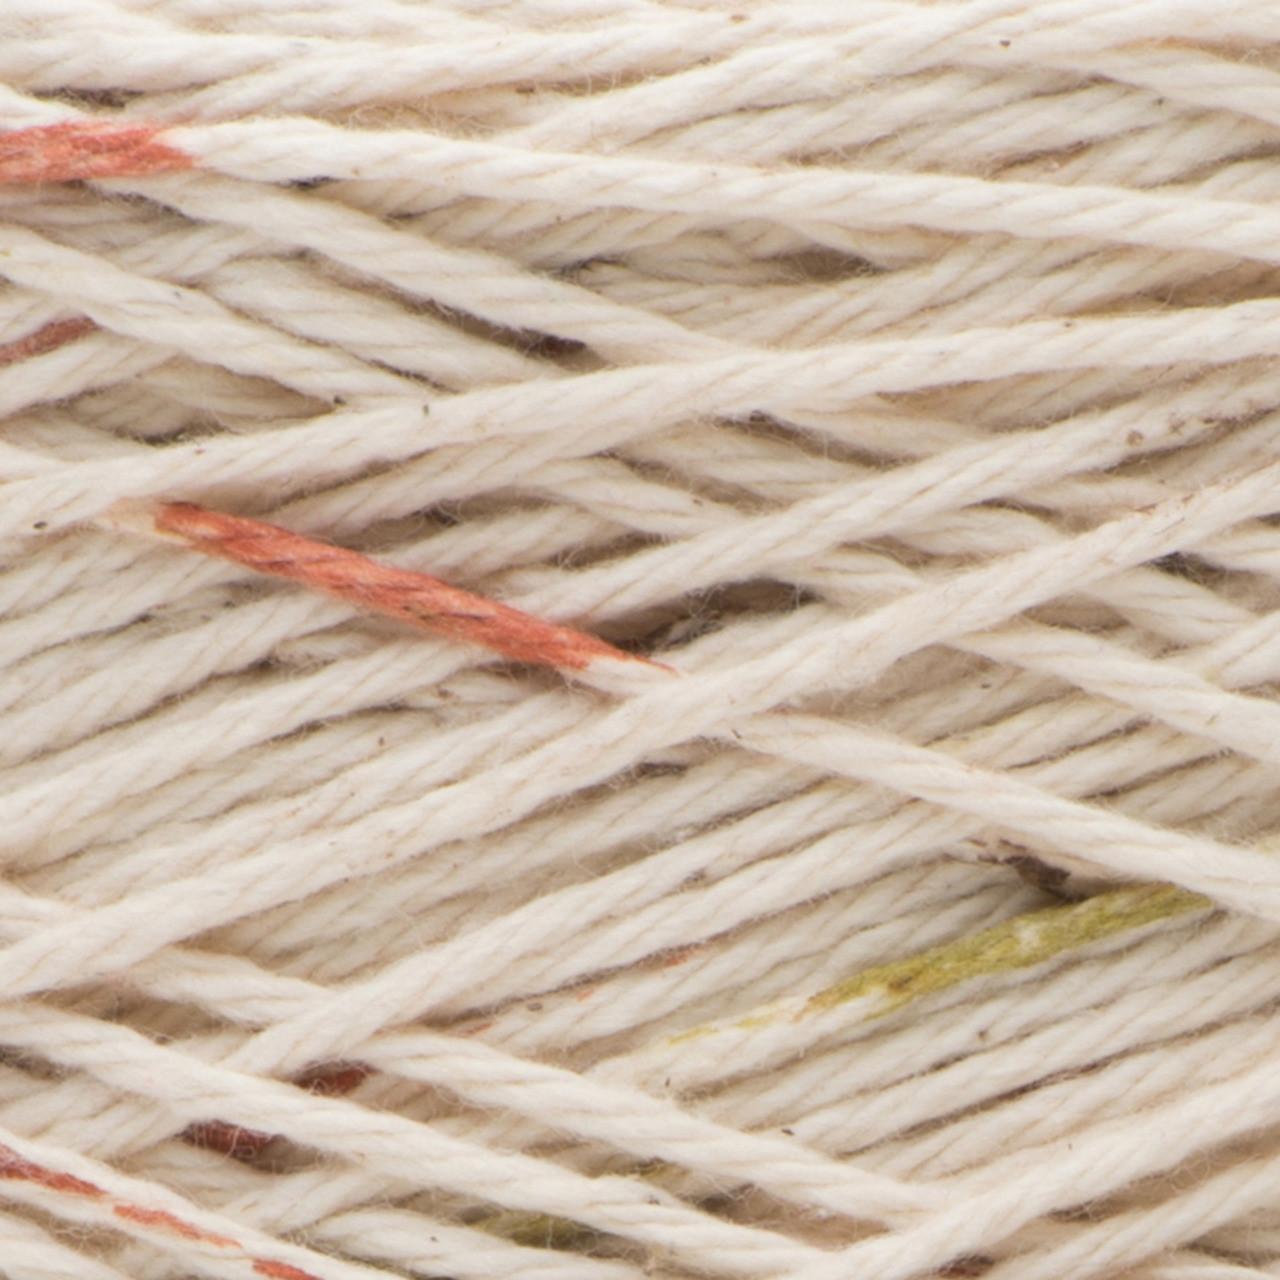 2.5 oz Medium Gauge 100/% Cotton Lily Sugar N Cream  The Original Solid Yarn - Machine Wash /& Dry Ecru 4